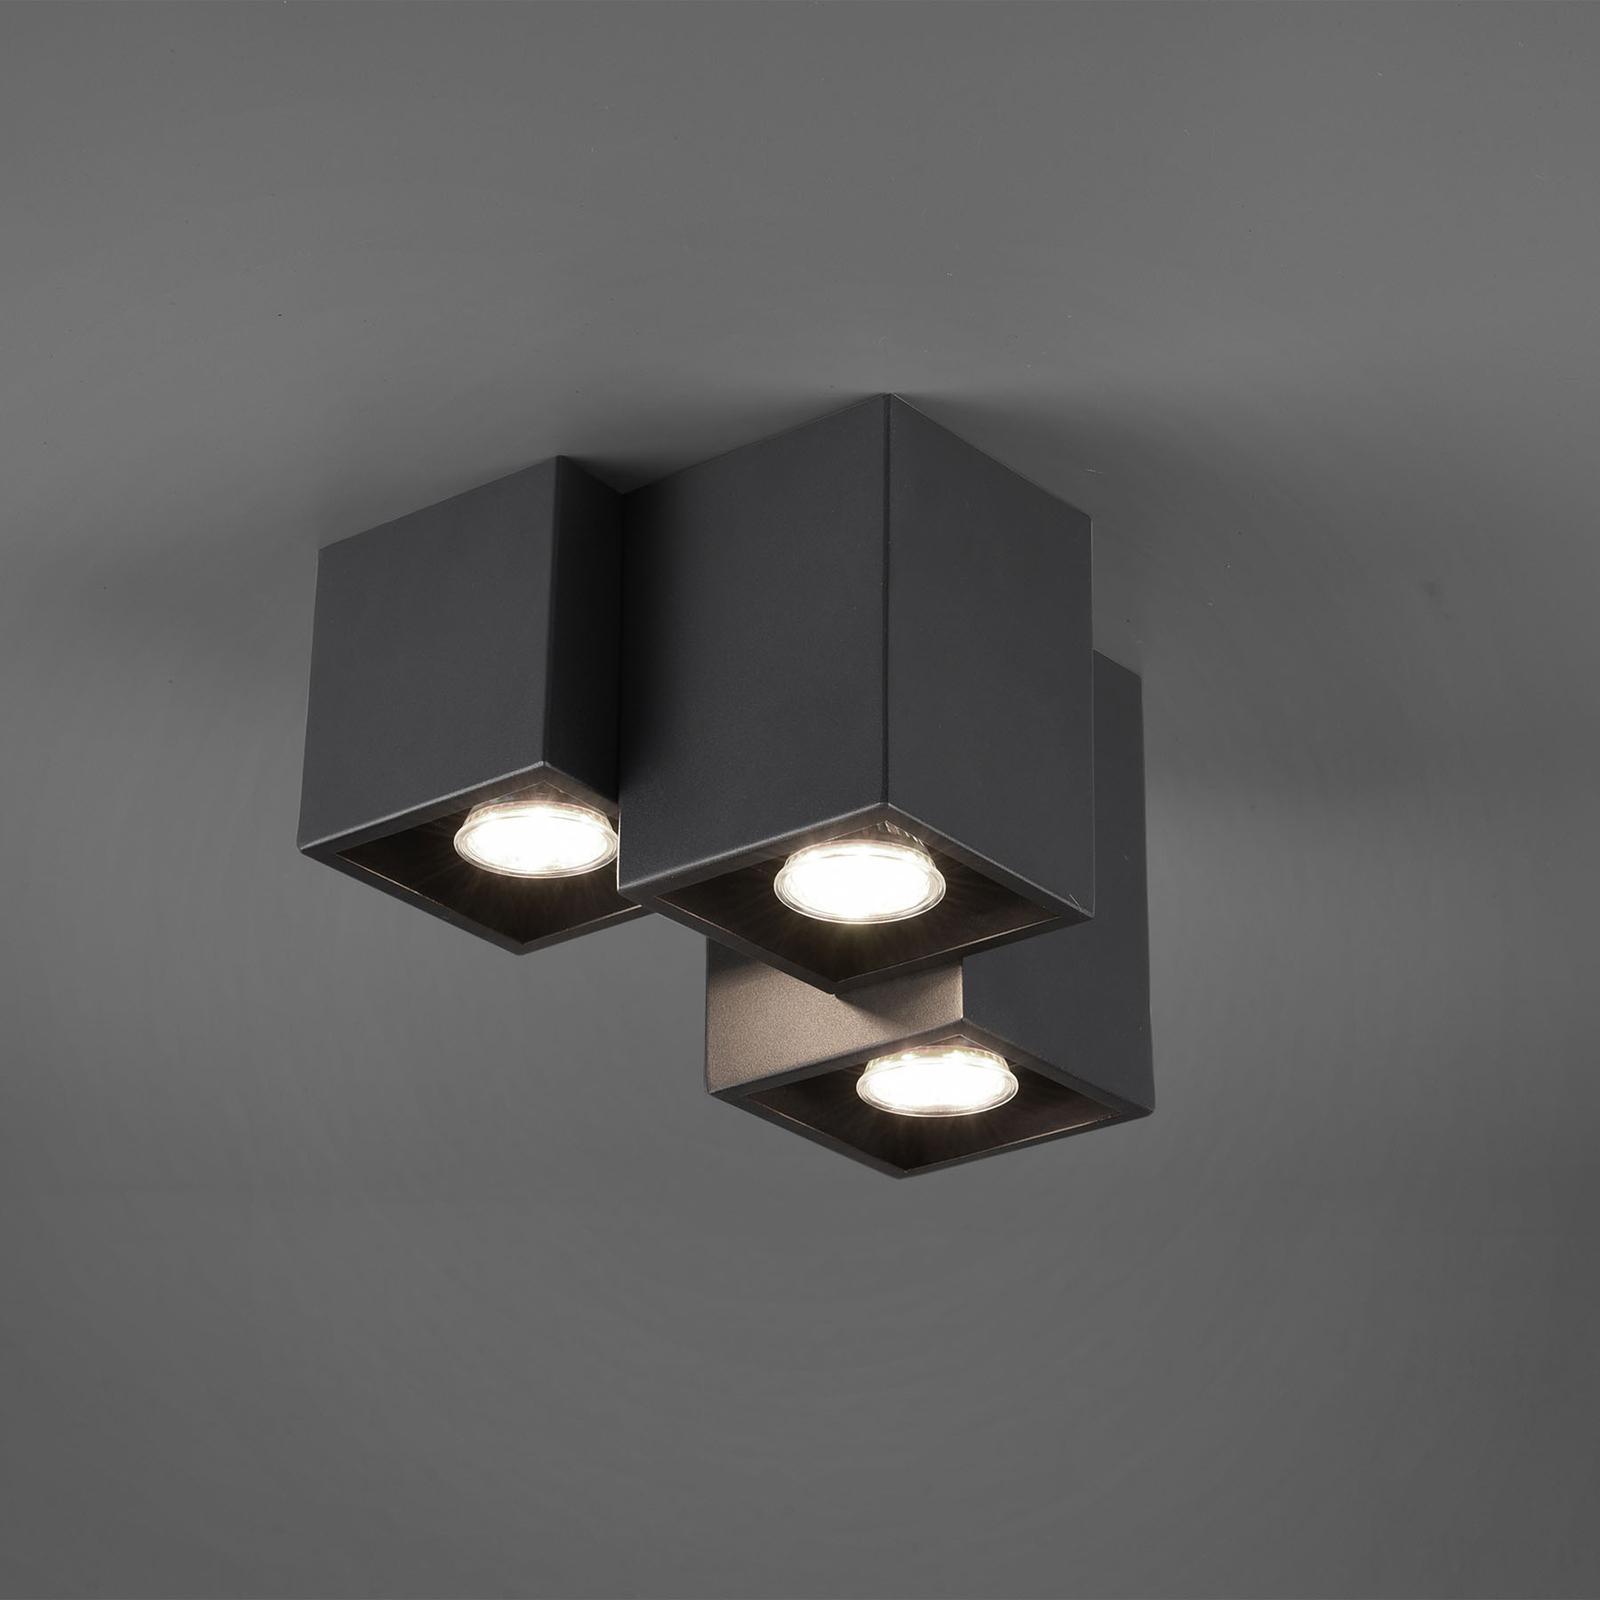 Plafondlamp Fernando, 3-lamps, mat zwart